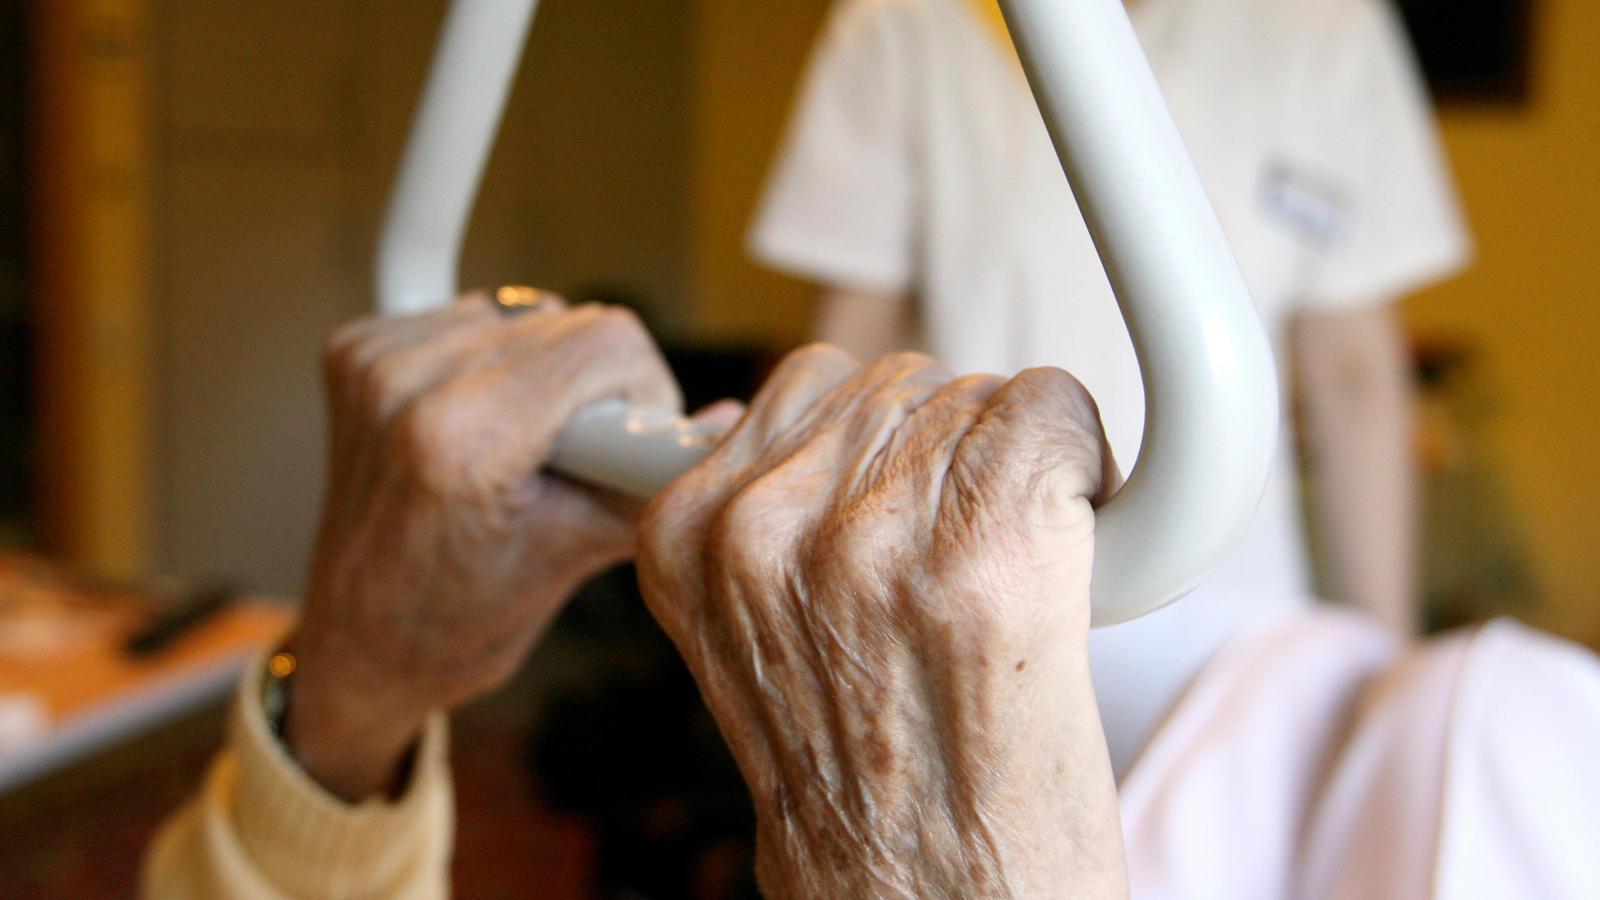 Für die Höhe des Geldes sind die sogenannten Pflegegrade relevant. Es gibt insgesamt fünf Pflegegrade.